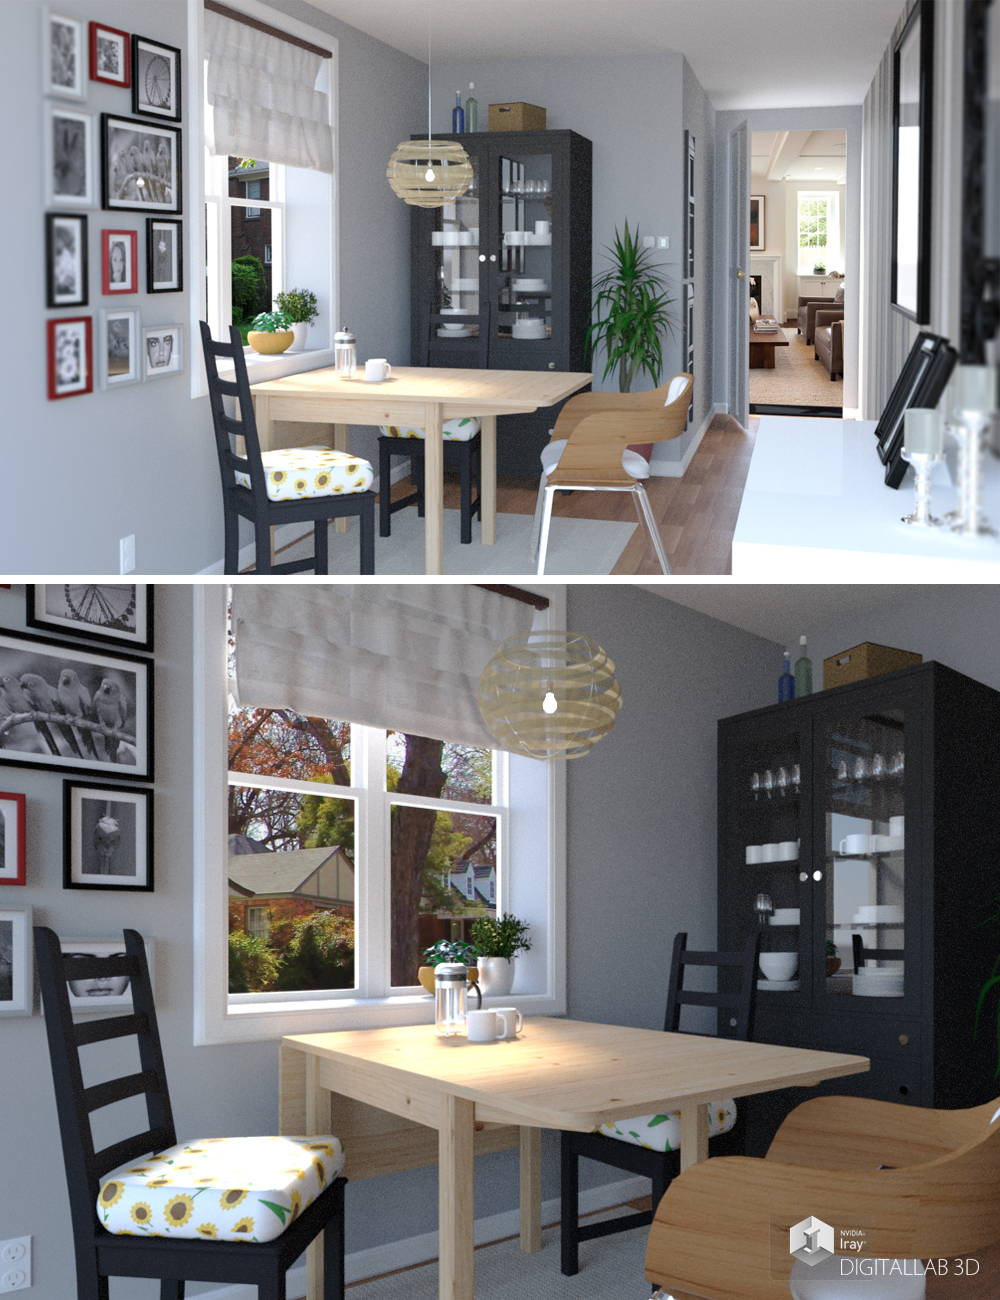 Breakfast Room by: Digitallab3D, 3D Models by Daz 3D